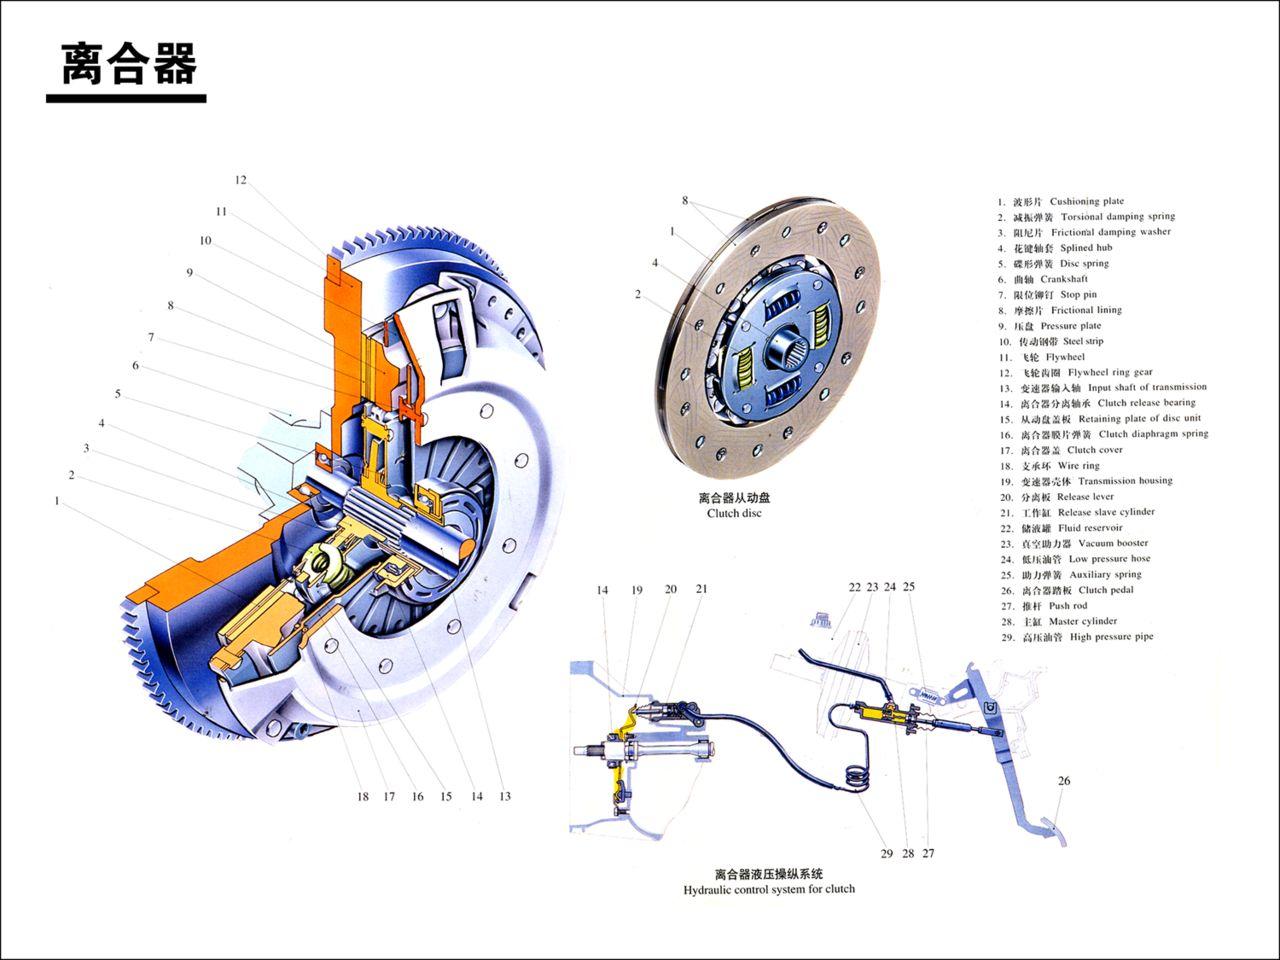 空系_踩下离合器后摩擦片受到什么力就和飞轮有空系了